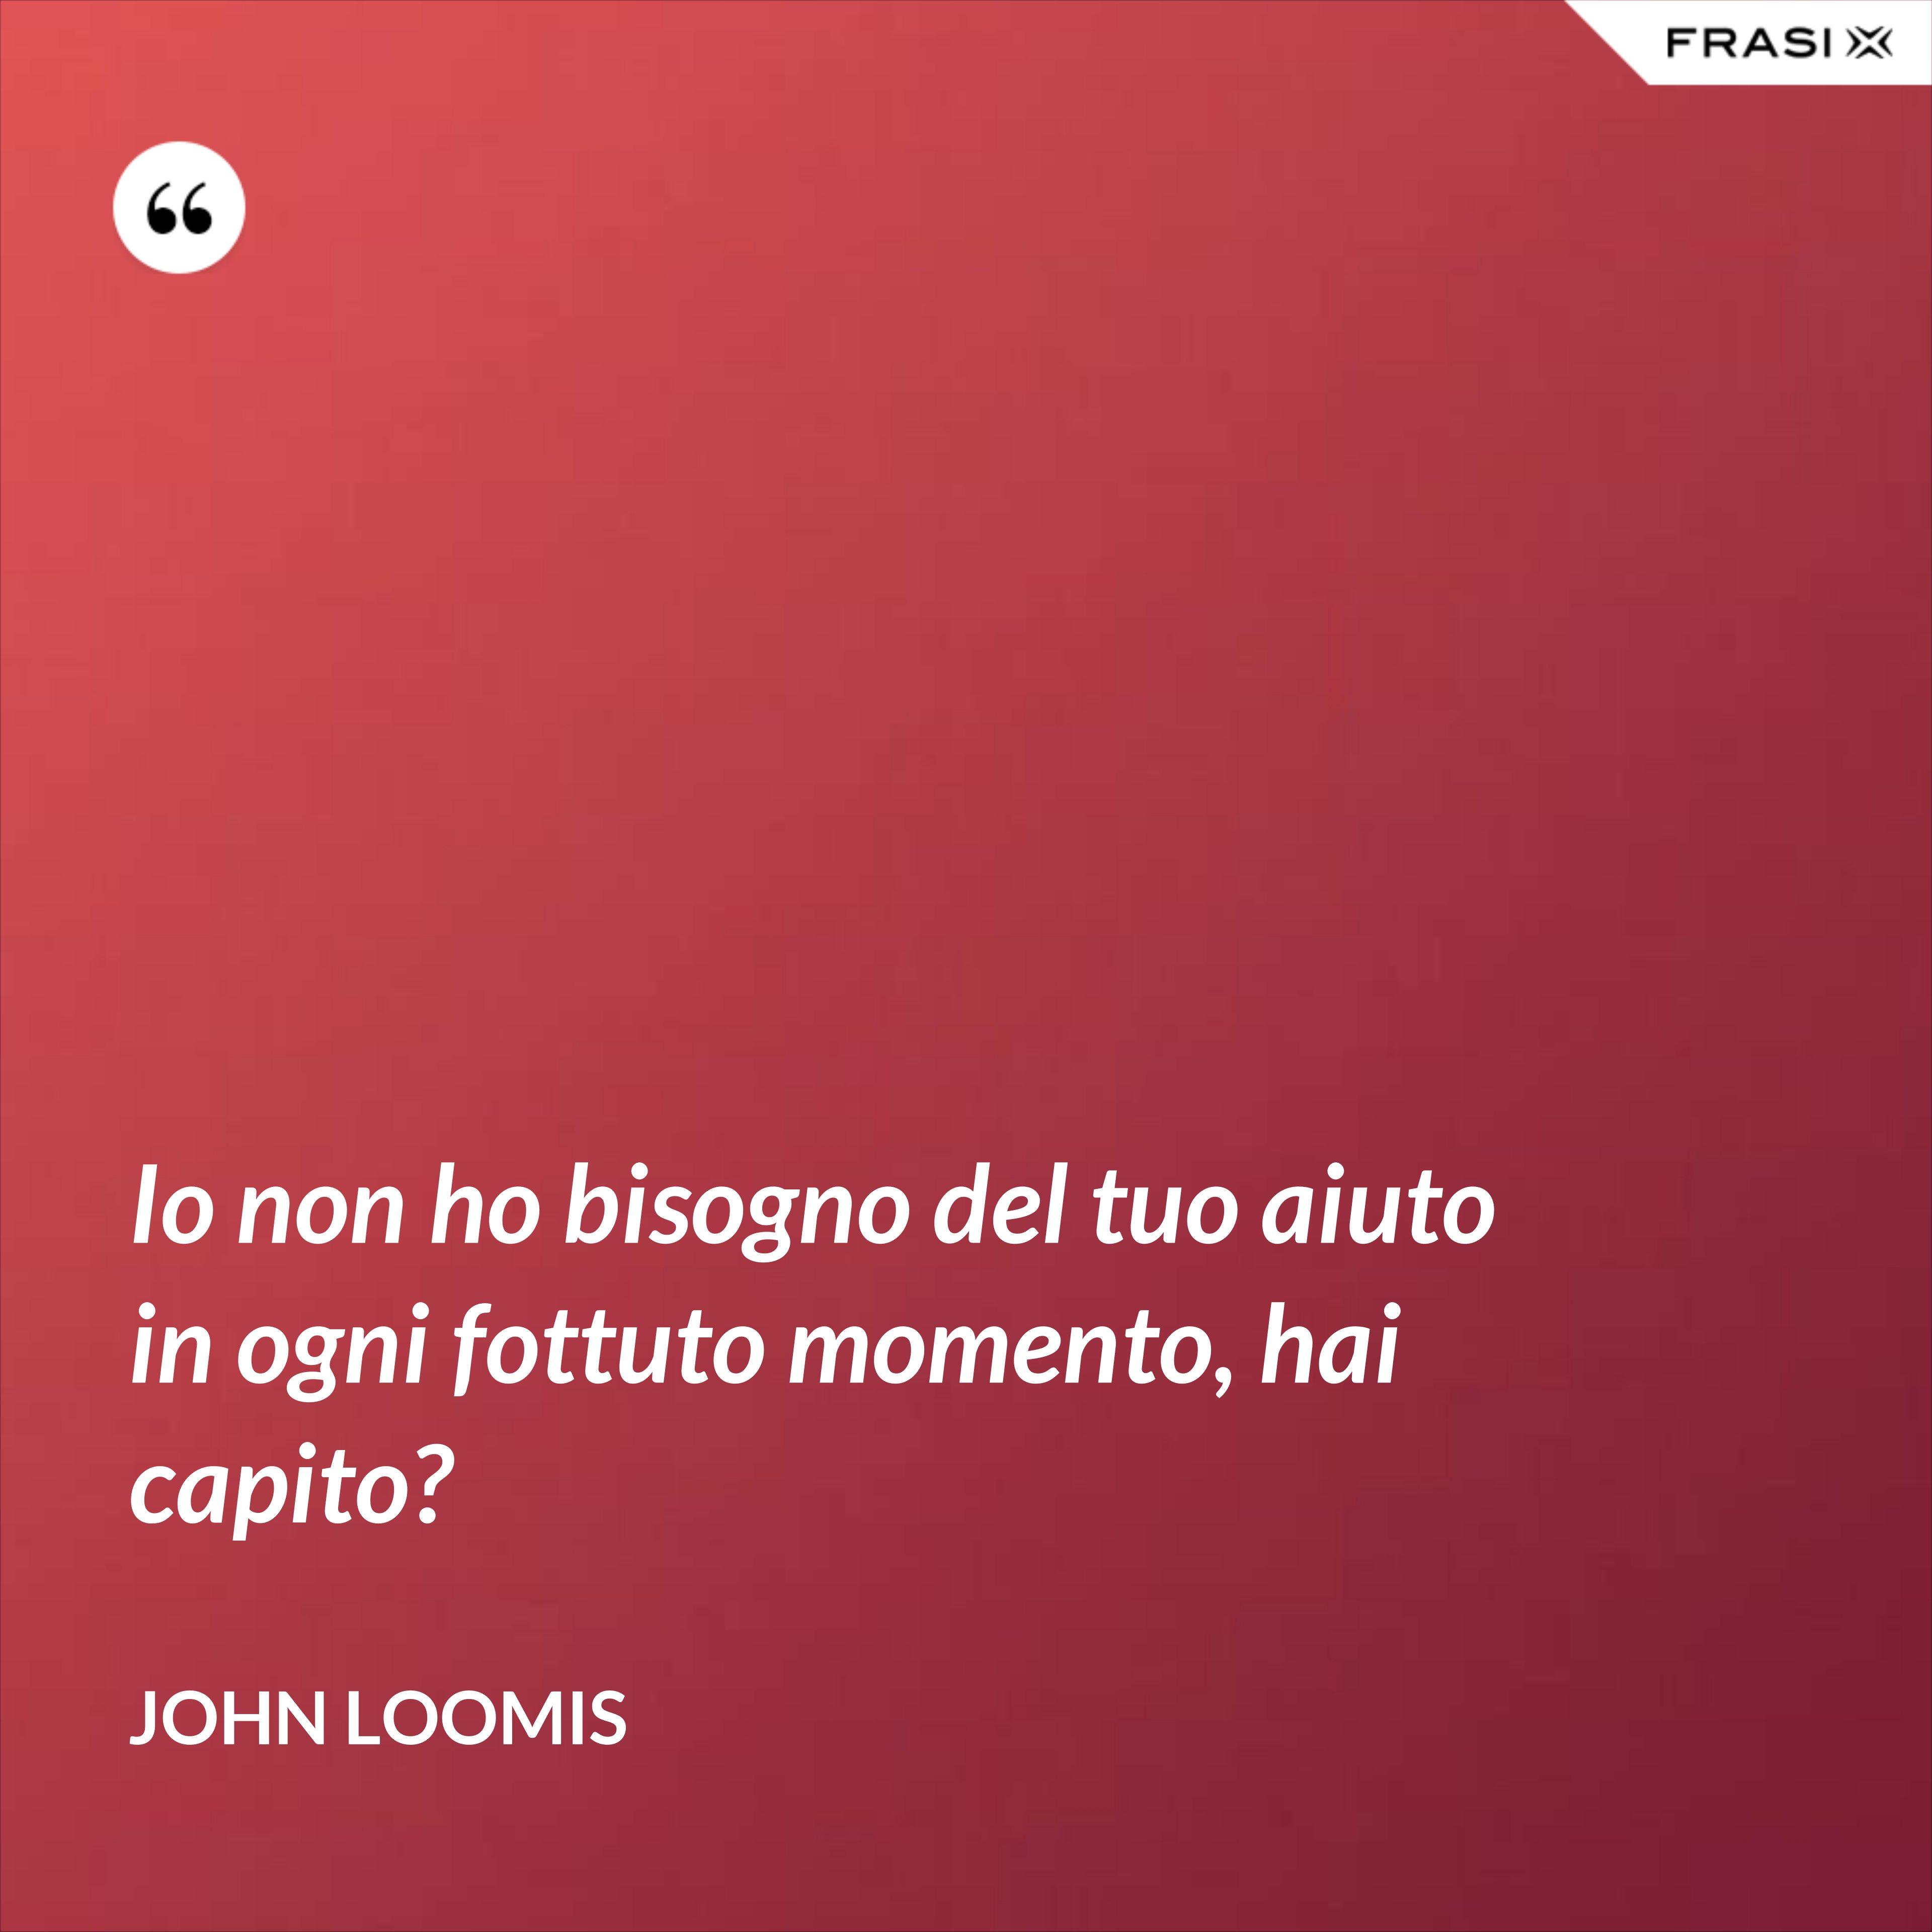 Io non ho bisogno del tuo aiuto in ogni fottuto momento, hai capito? - John Loomis